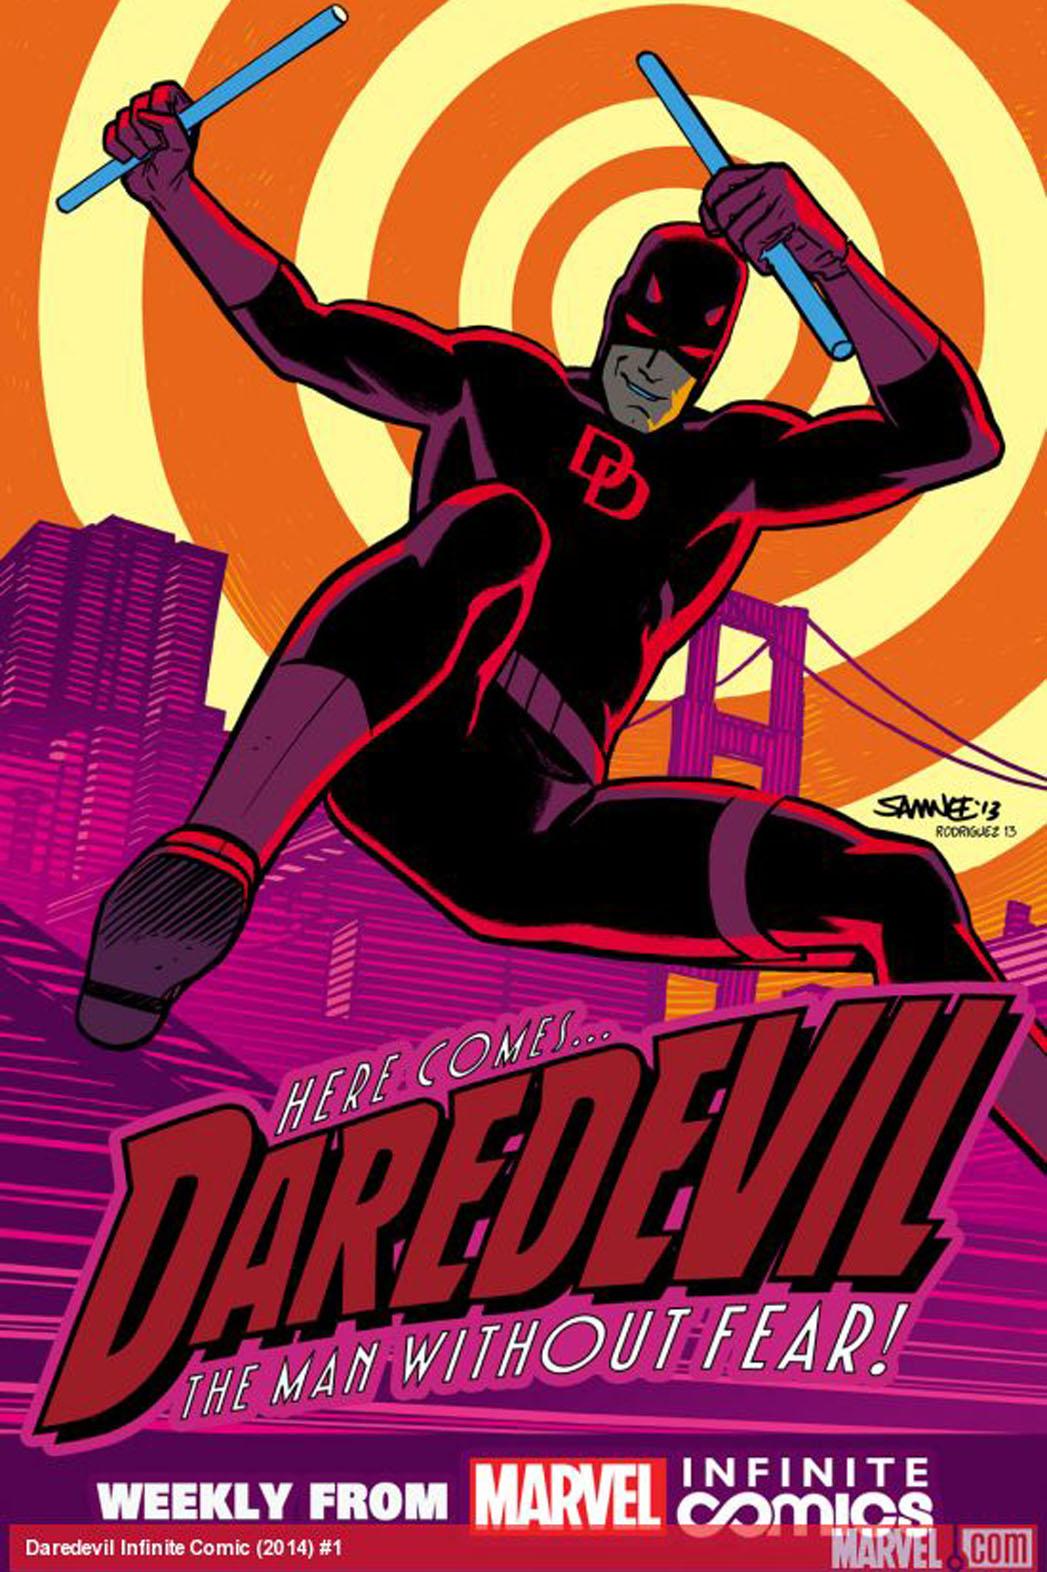 Daredevil Road Warrior Cover - P 2013